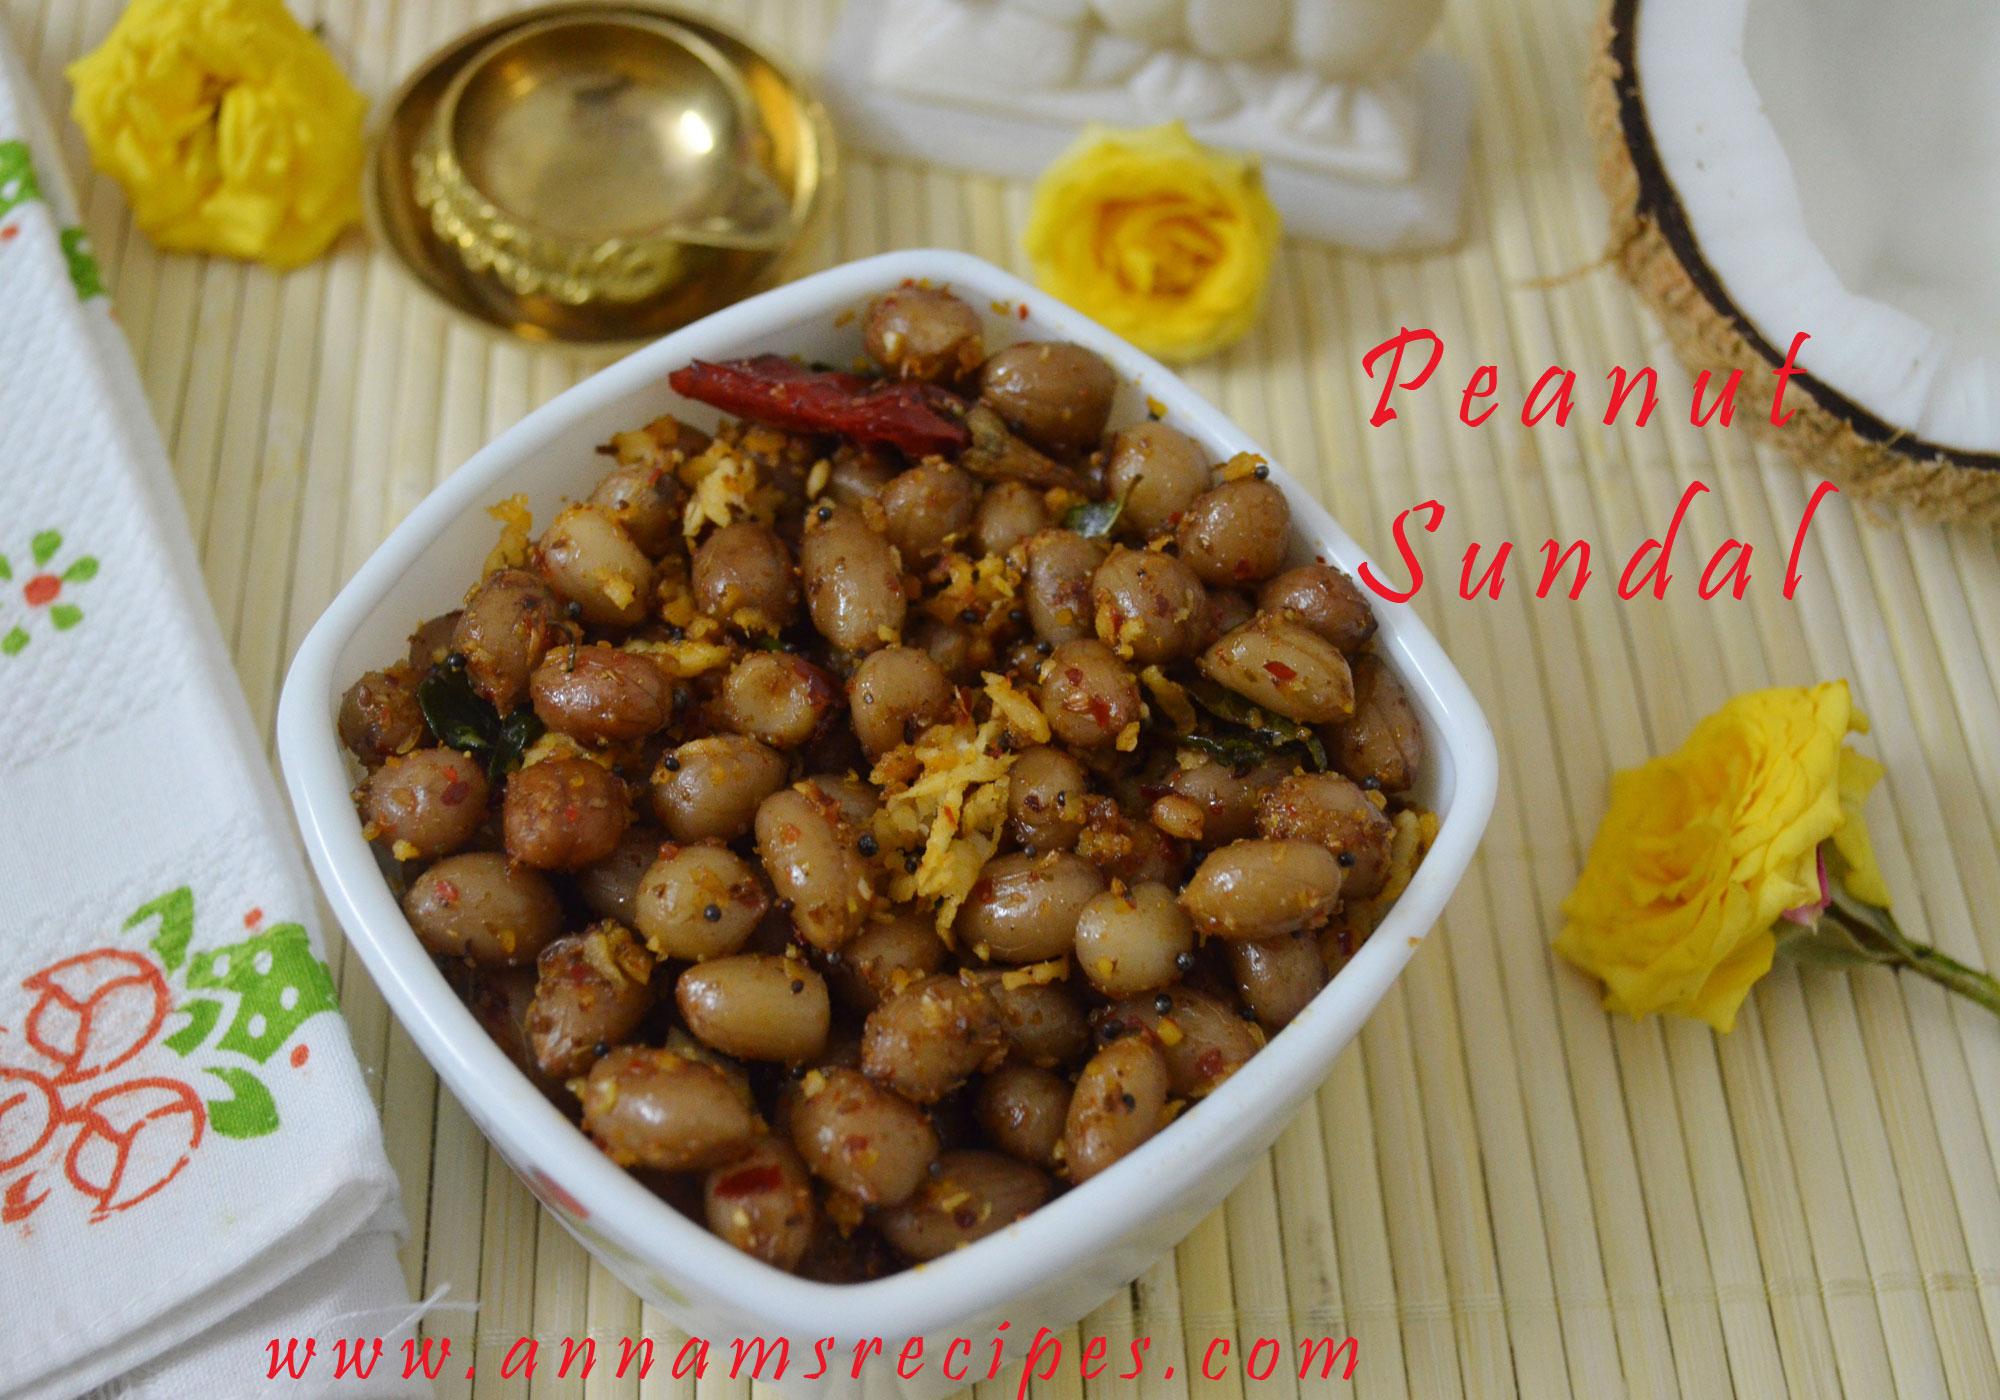 Peanut  Masala Sundal